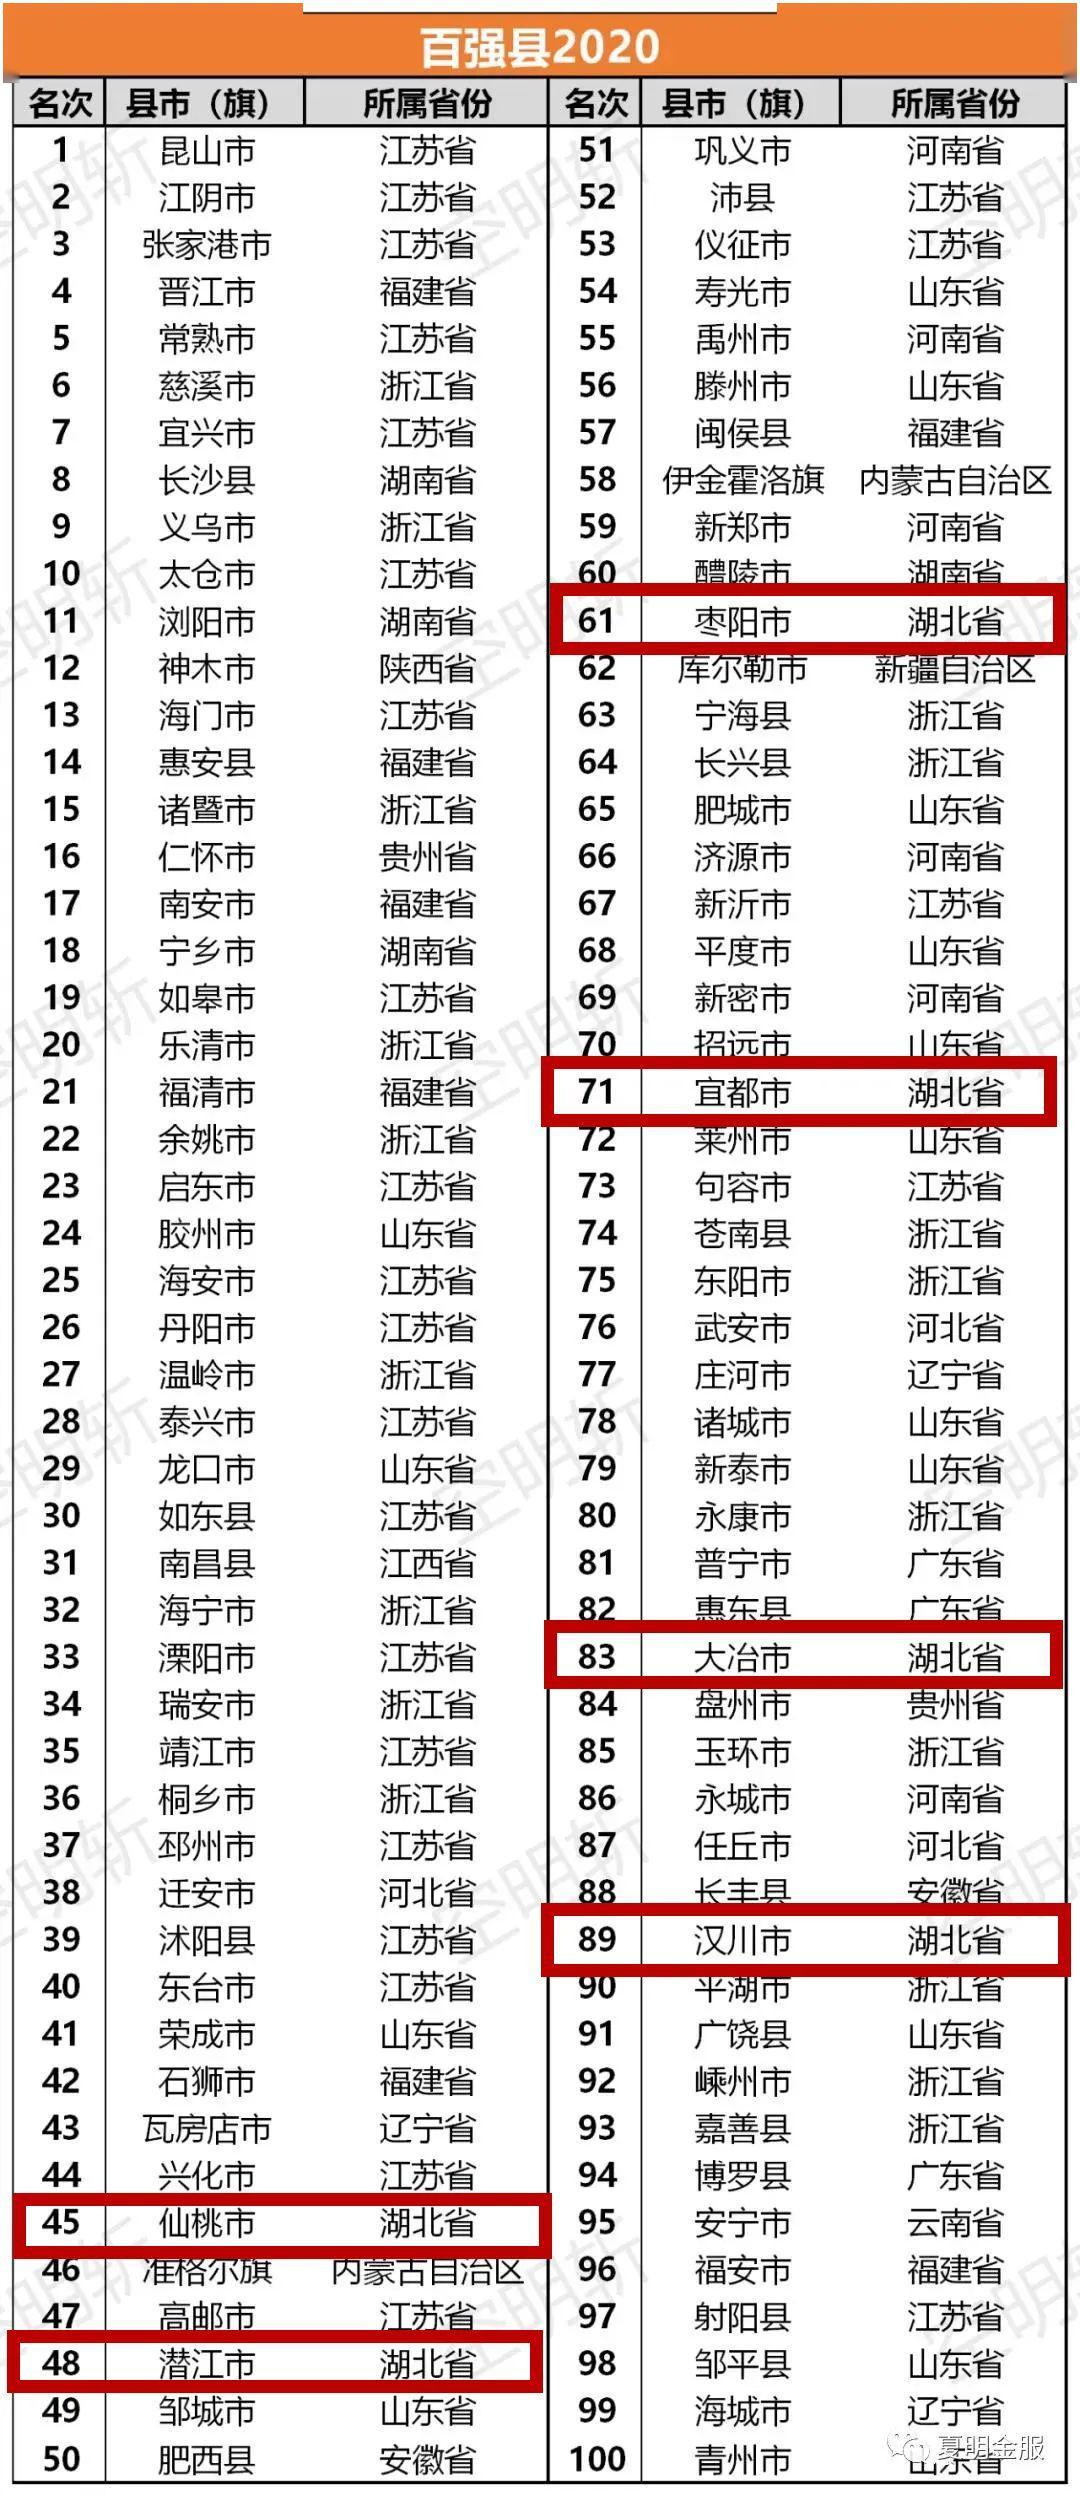 2020年全省gdp排名_2020年各国gdp排名